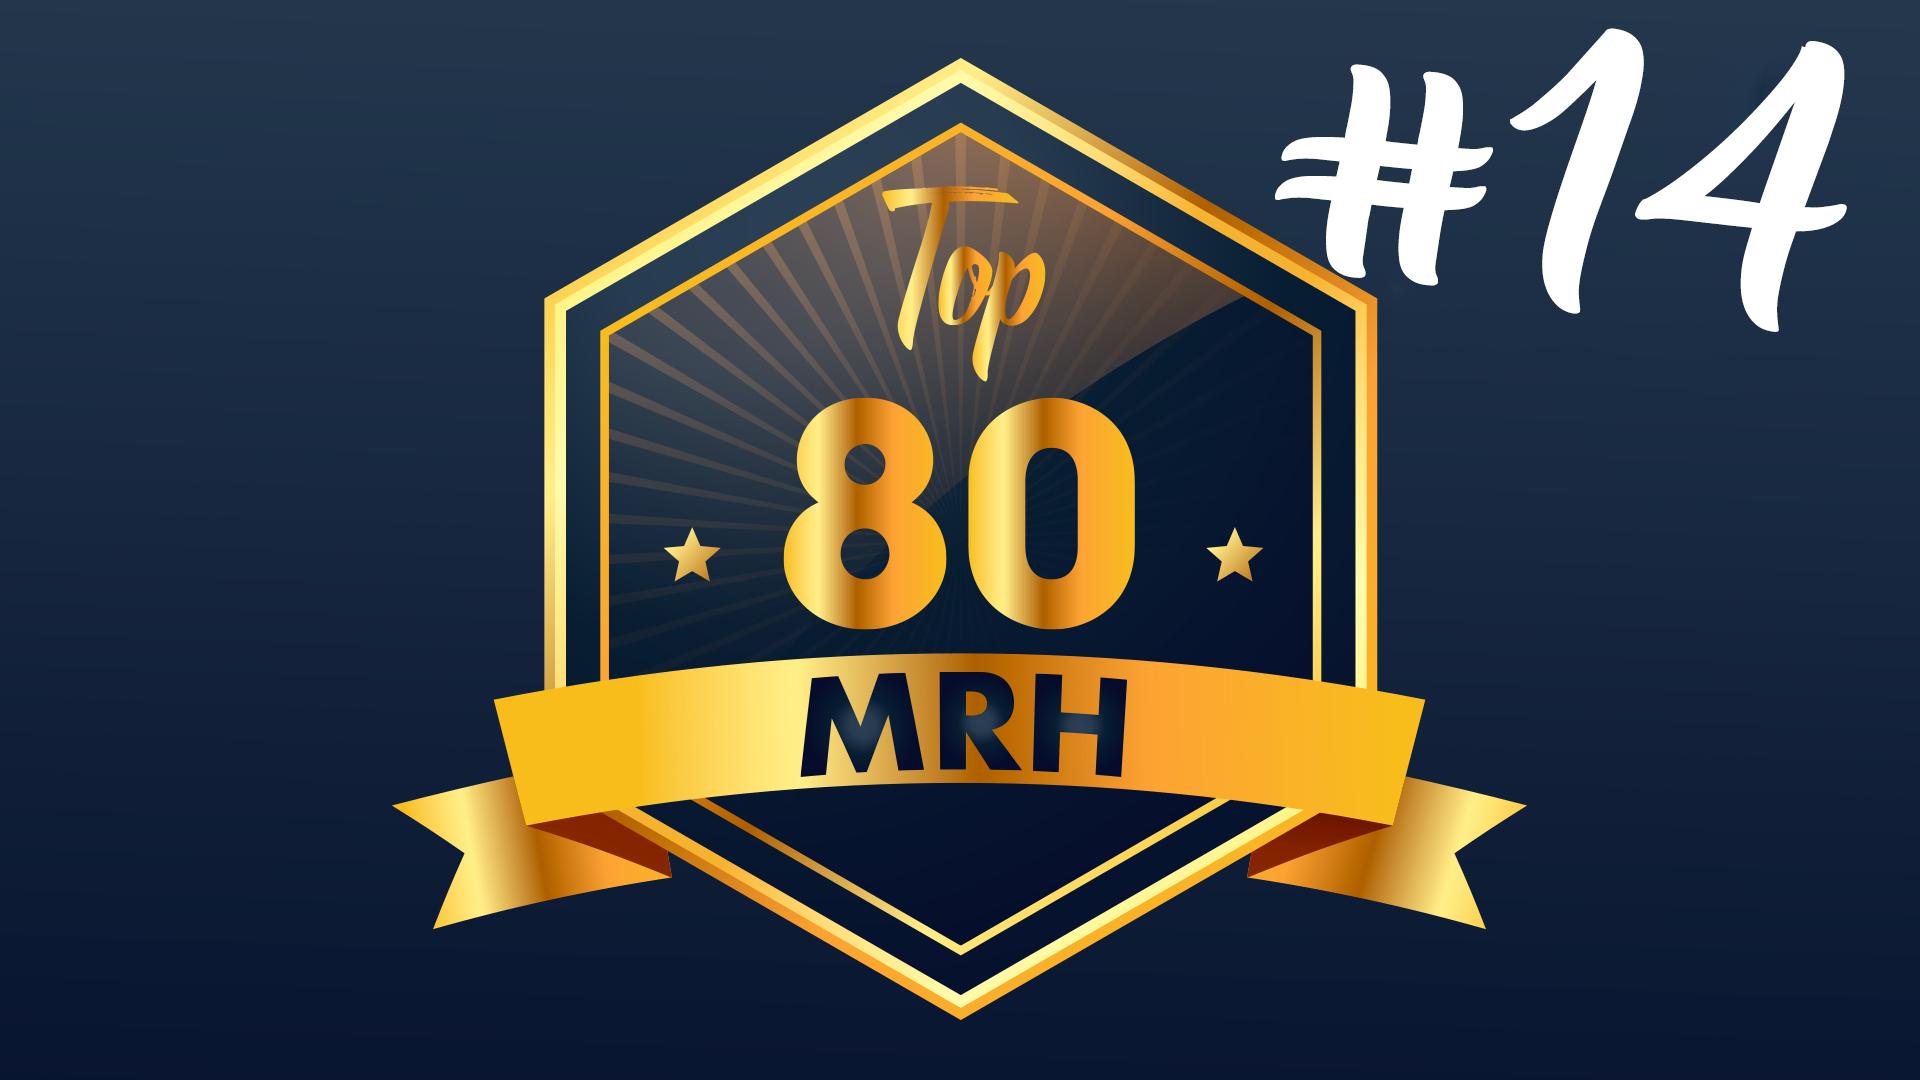 Top 80 MRH - Découvrez le 2e Top 80 MRH de 2020